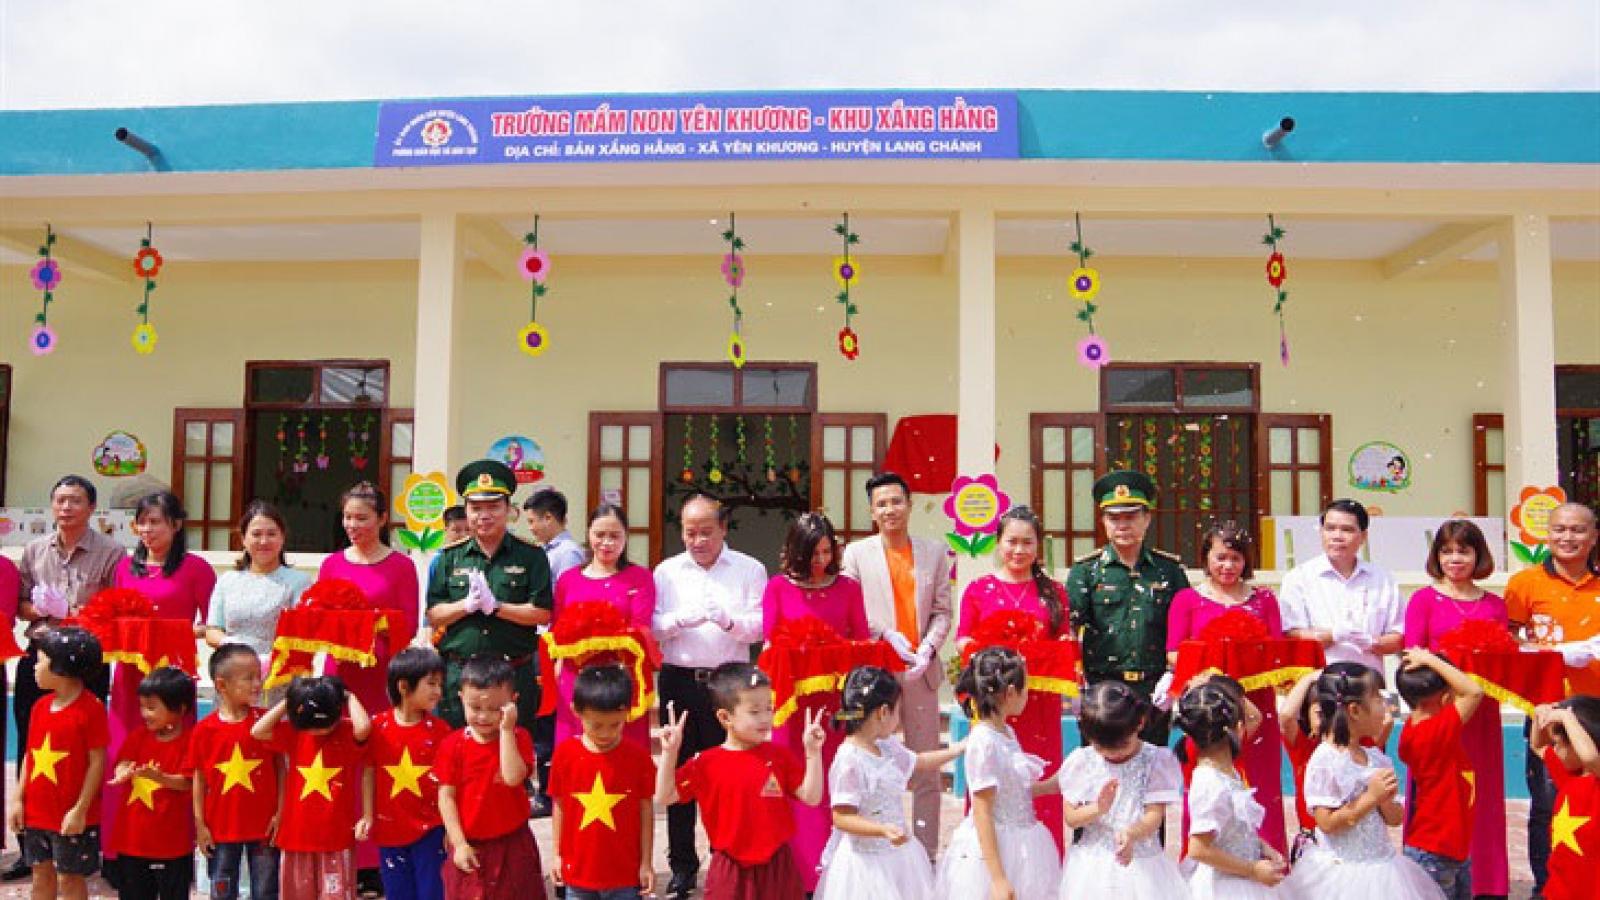 VOV và nhà tài trợ khánh thành điểm trường thứ 2 tại Lang Chánh, Thanh Hoá